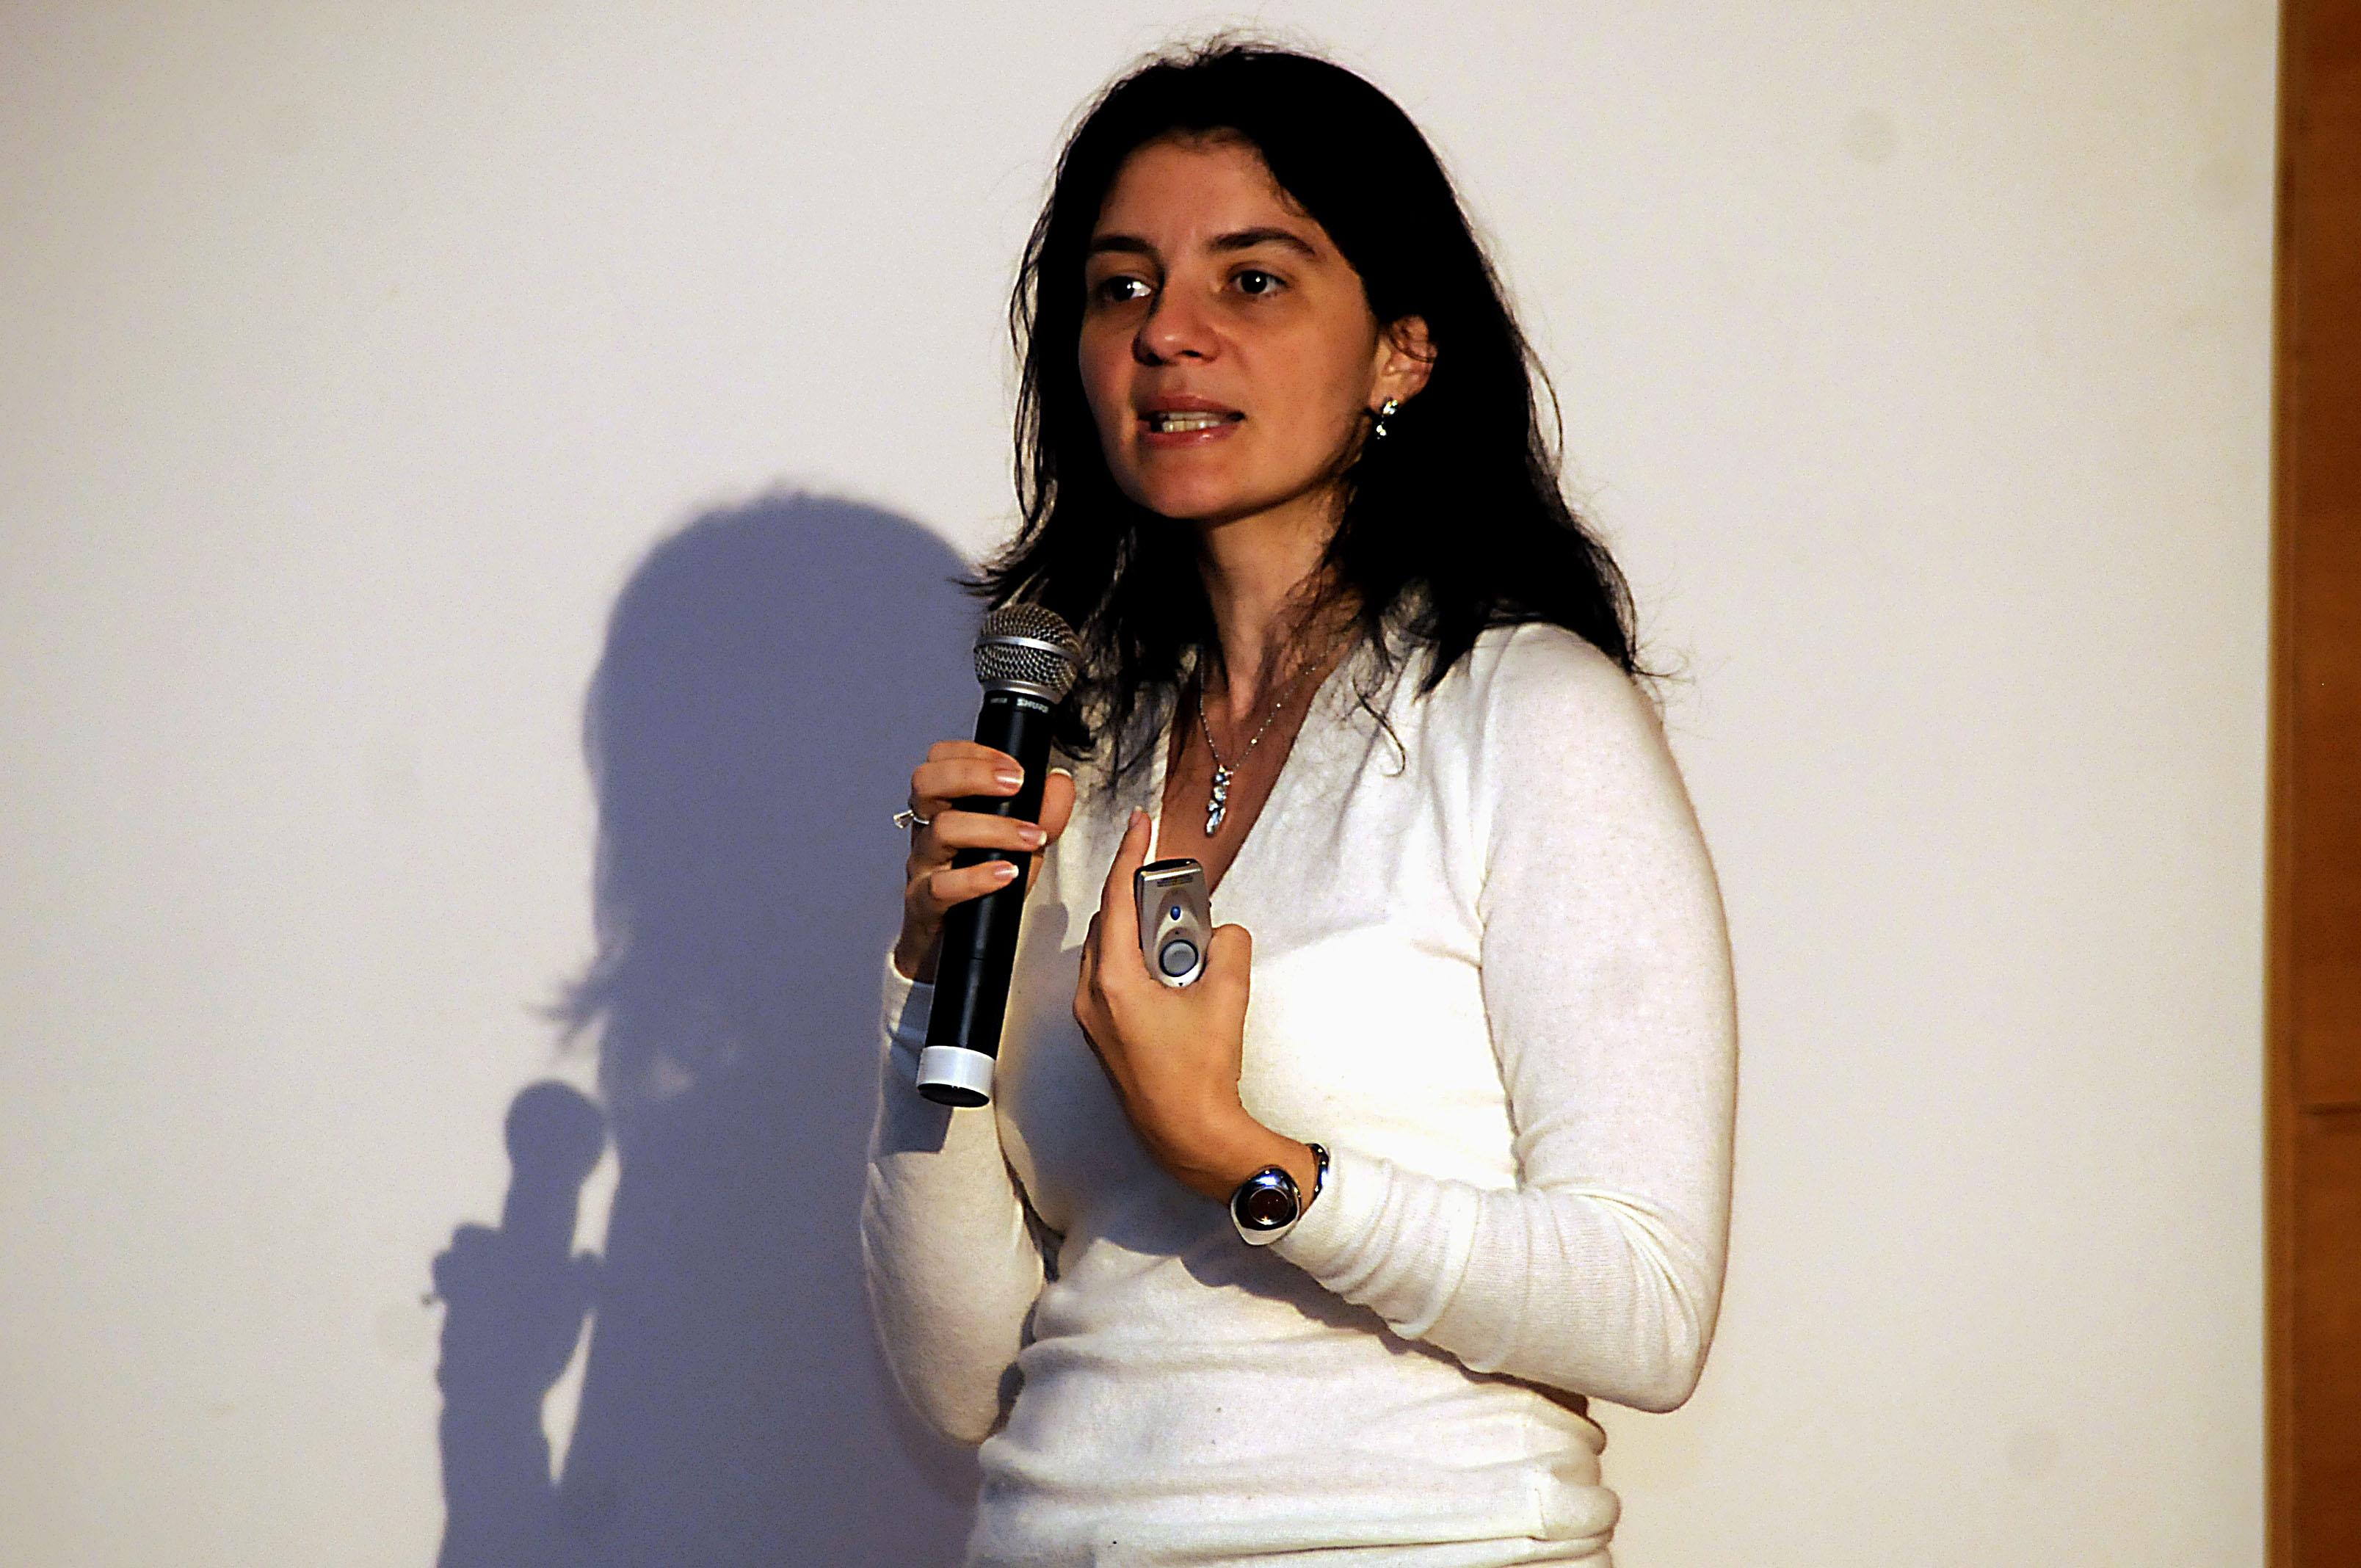 Veja o que saiu no Migalhas sobre Suzana Herculano-Houzel